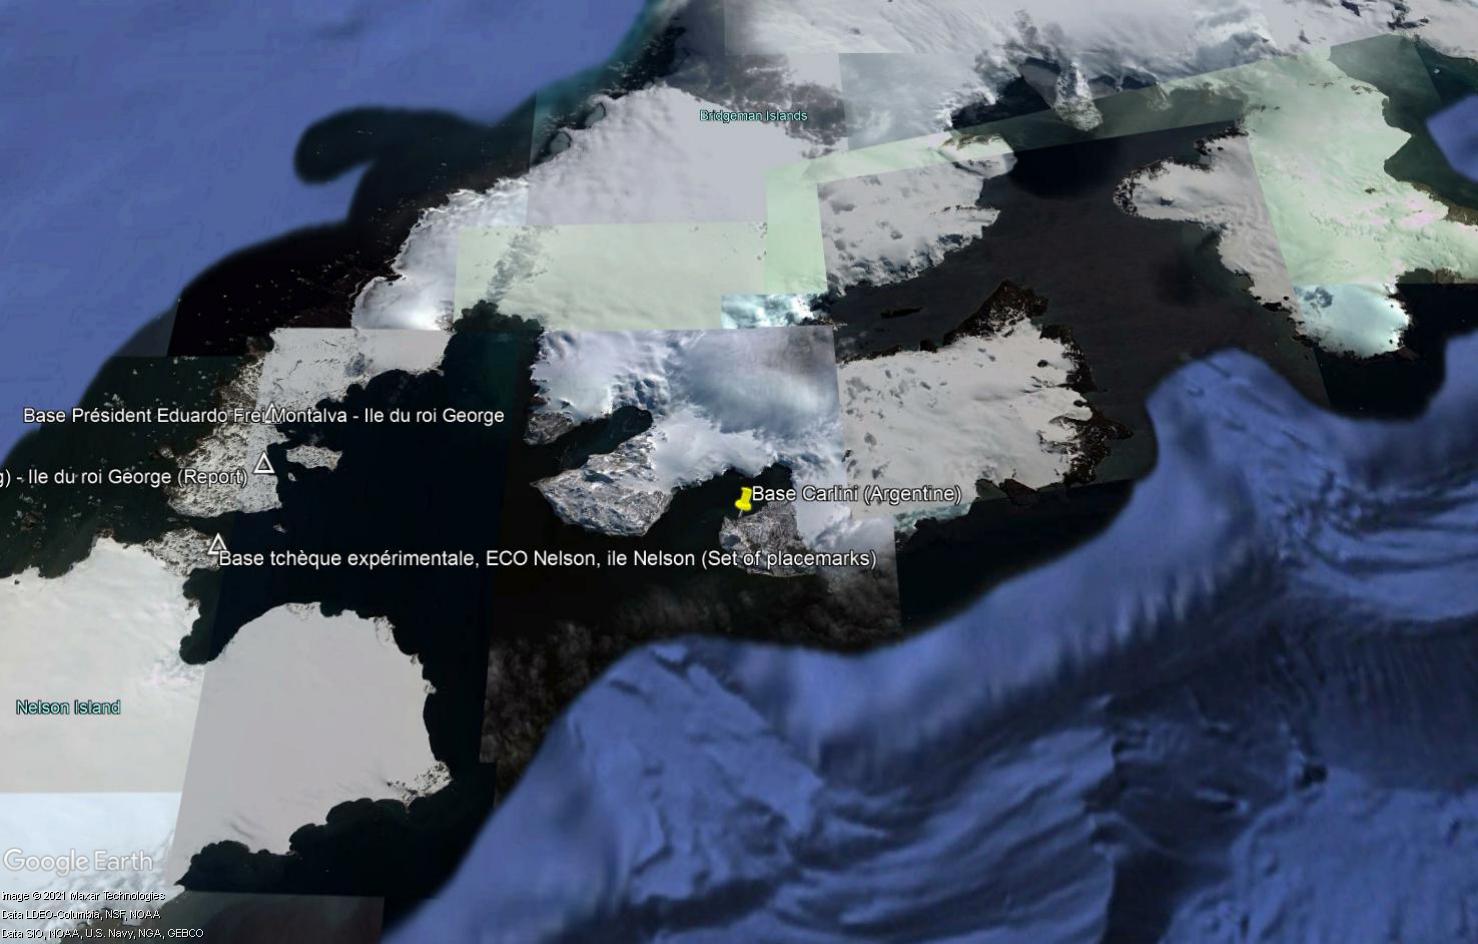 DEFI COLLECTIF : à la recherche des stations scientifiques de l'Antarctique avec Google Earth - Page 8 Tsge2057